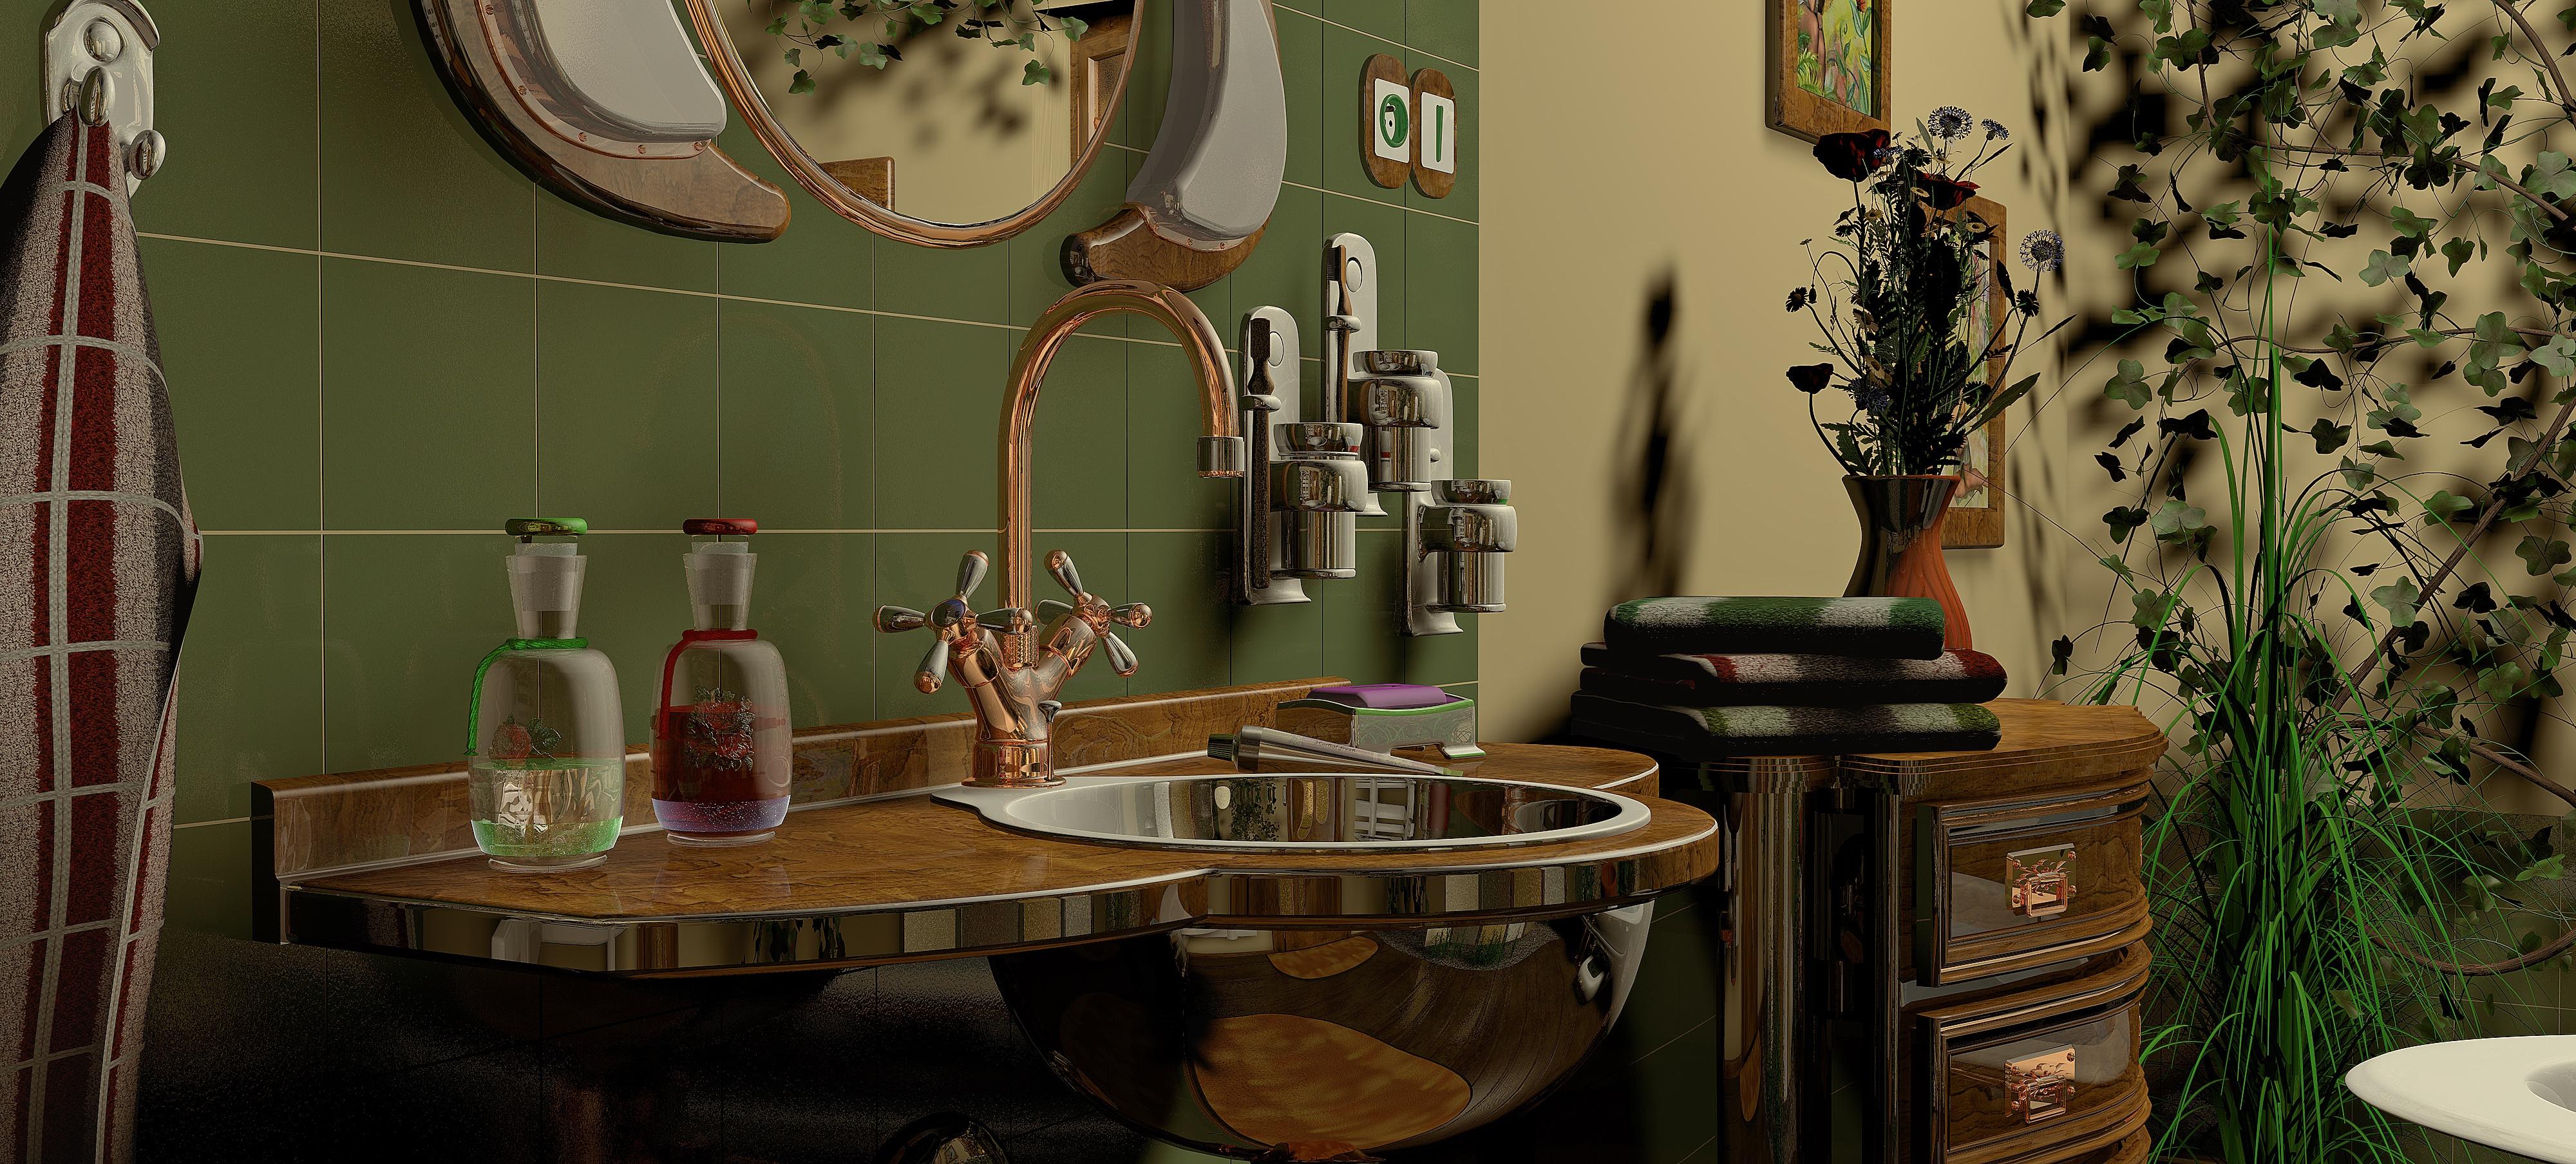 Fotos gratis mesa antiguo casa ventana lavabo for Diseno de interiores de casas gratis